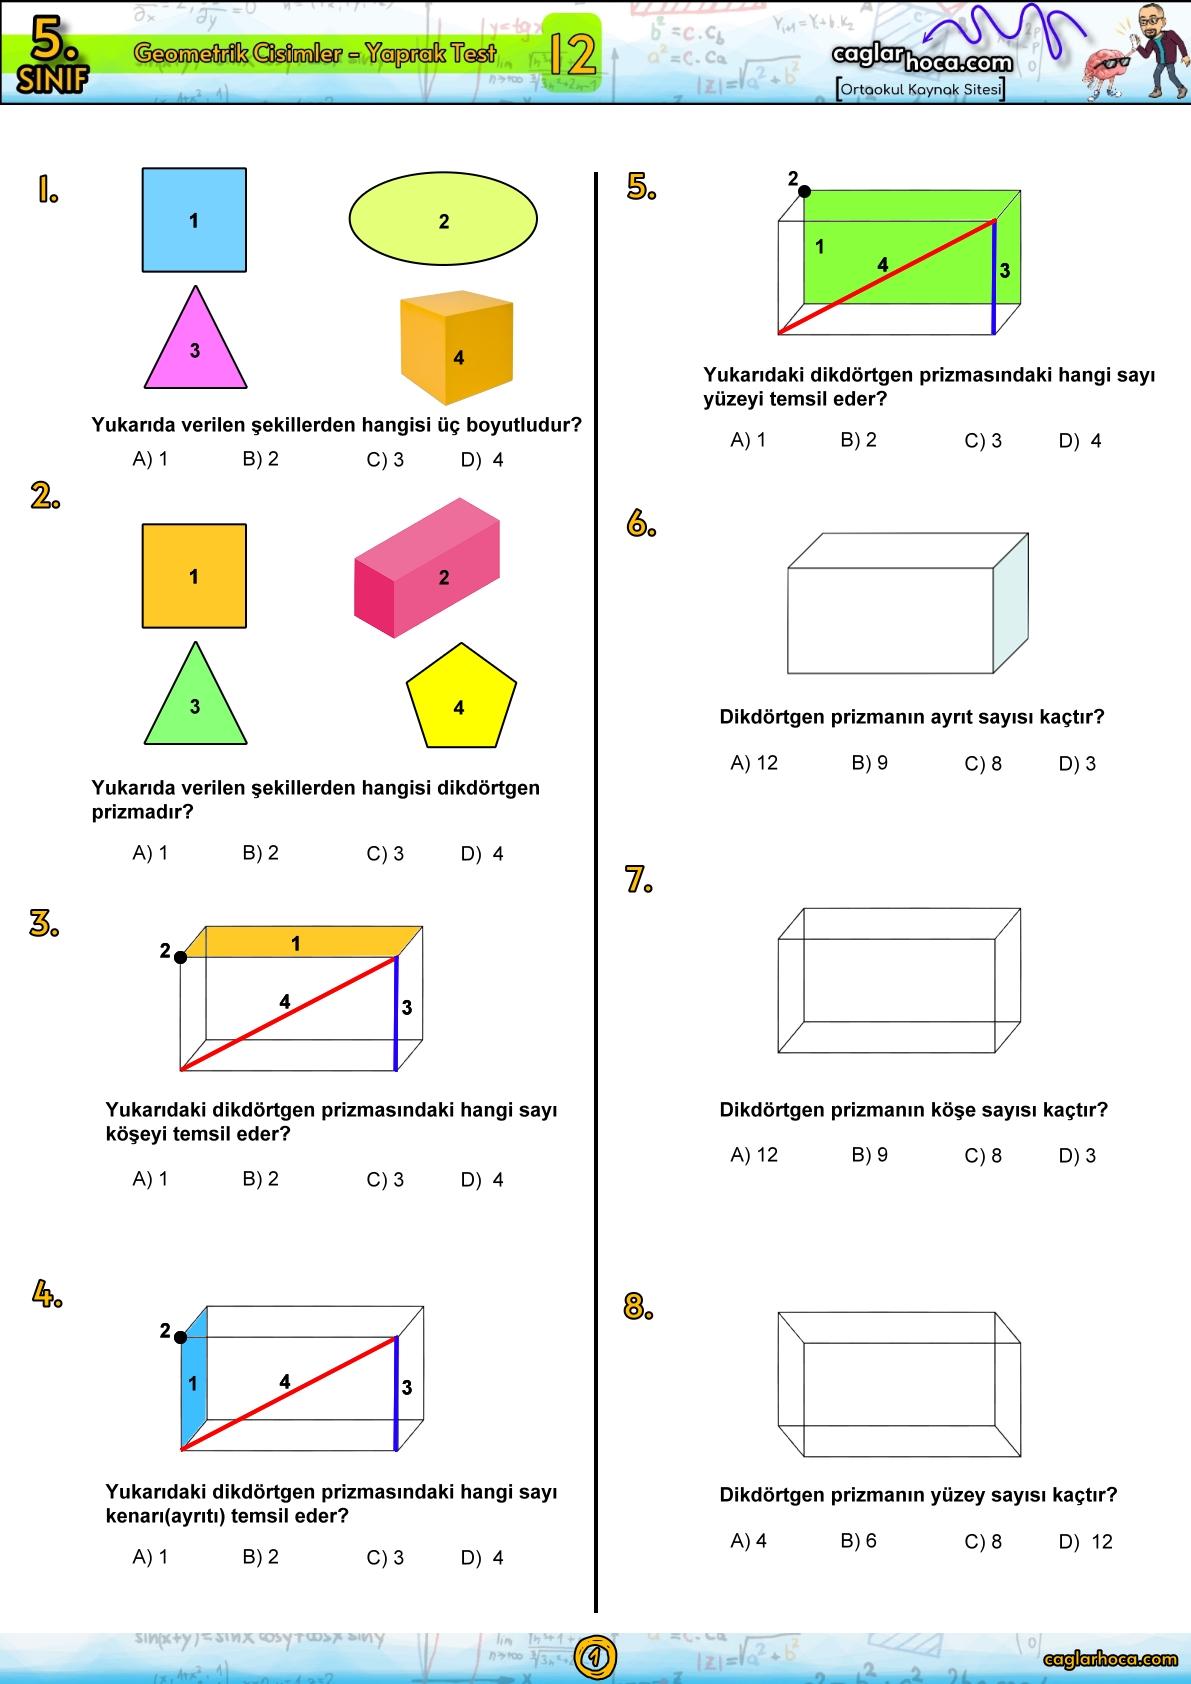 5.Sınıf 12.Ünite Geometrik Cisimler Yaprak Test